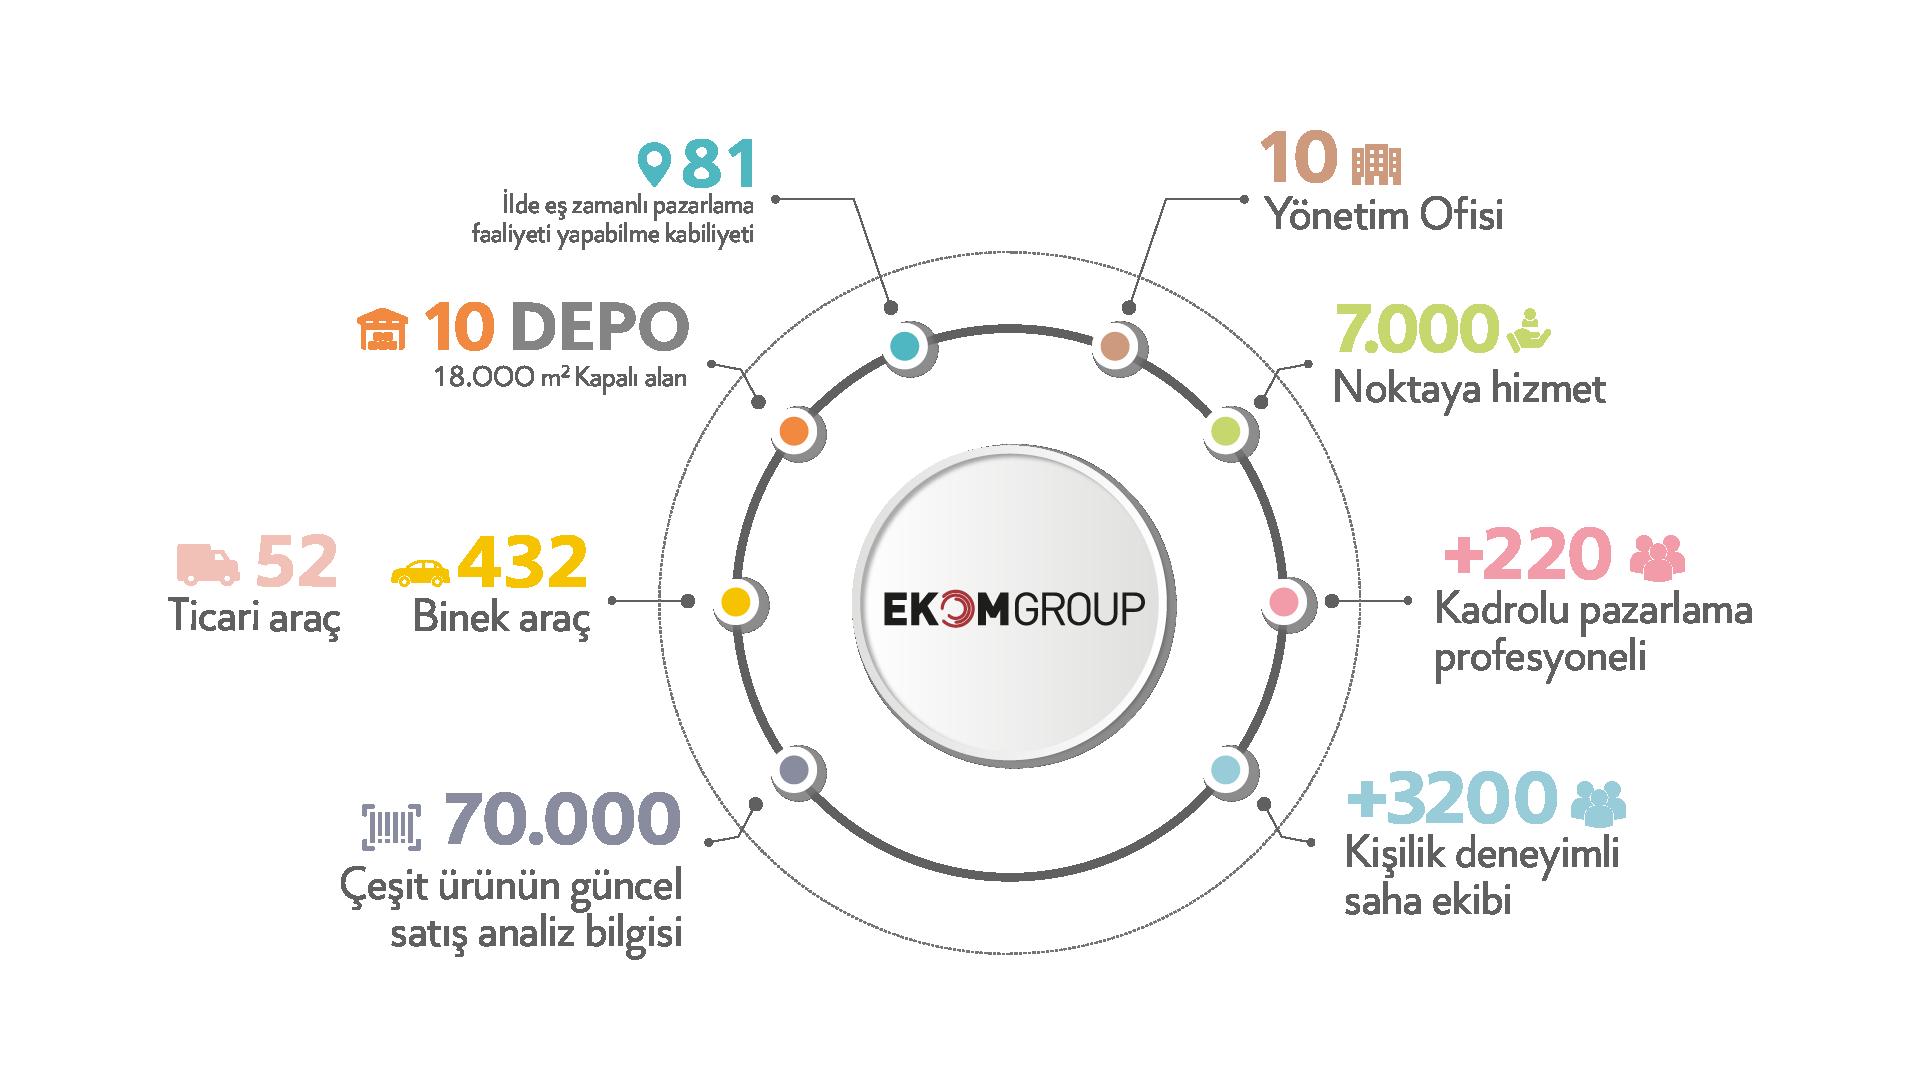 ekom-group